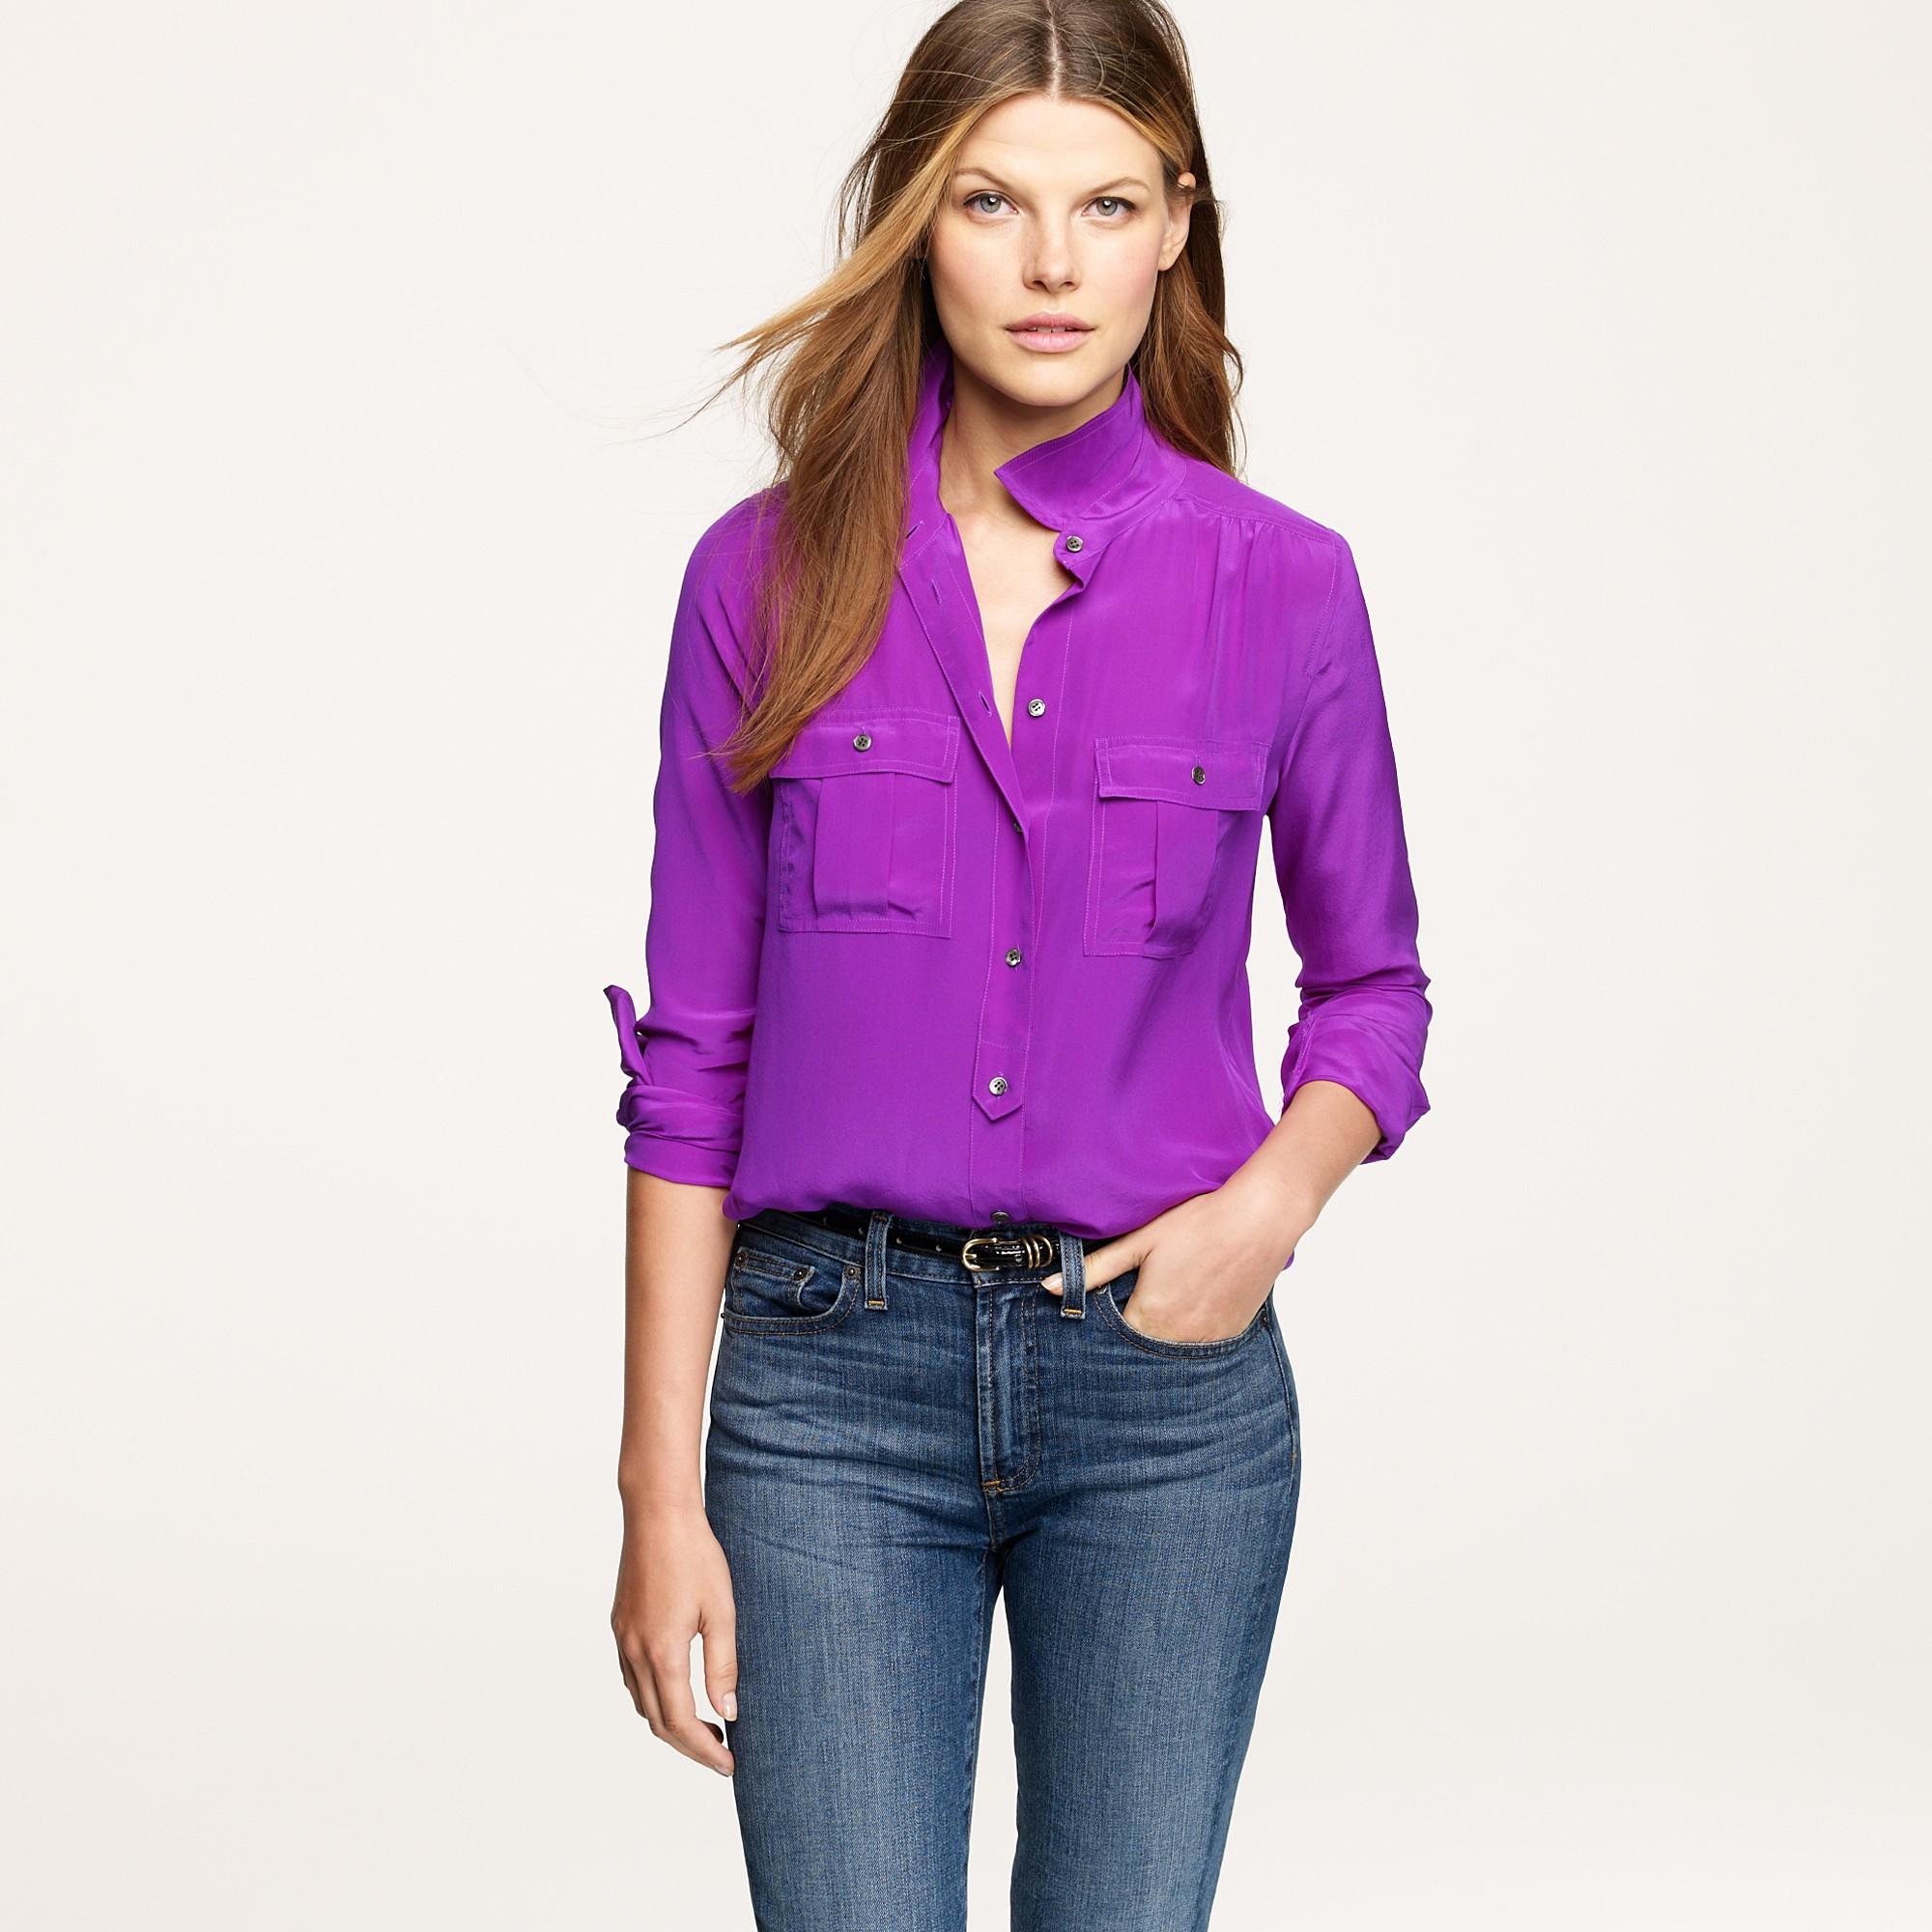 39d0cfe09f2f41 J.Crew Blythe Blouse in Silk in Purple - Lyst